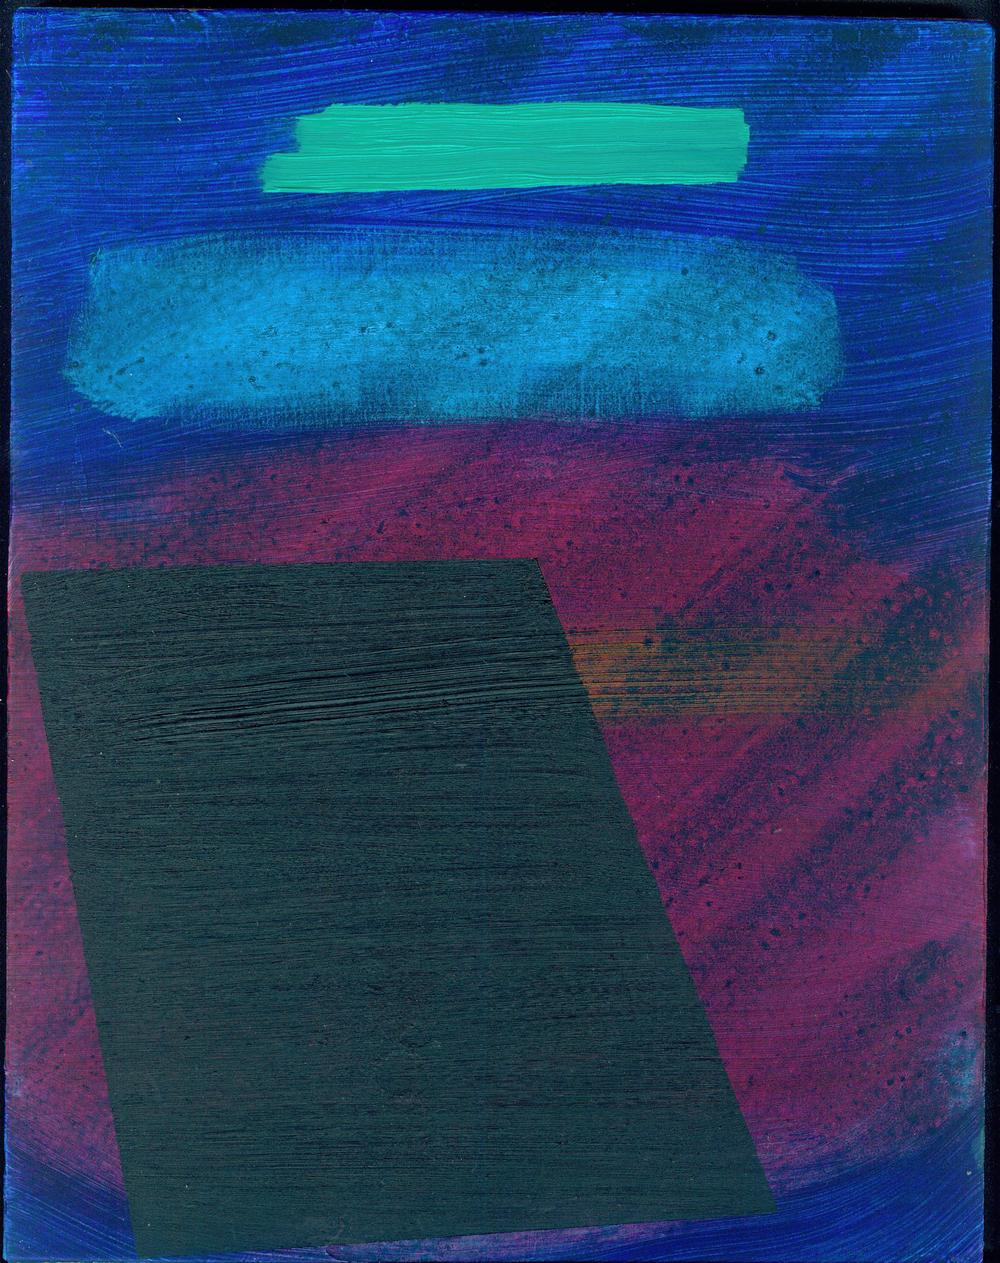 blueblackgreen, 2013, oil on panel, 10.25 x 8 in